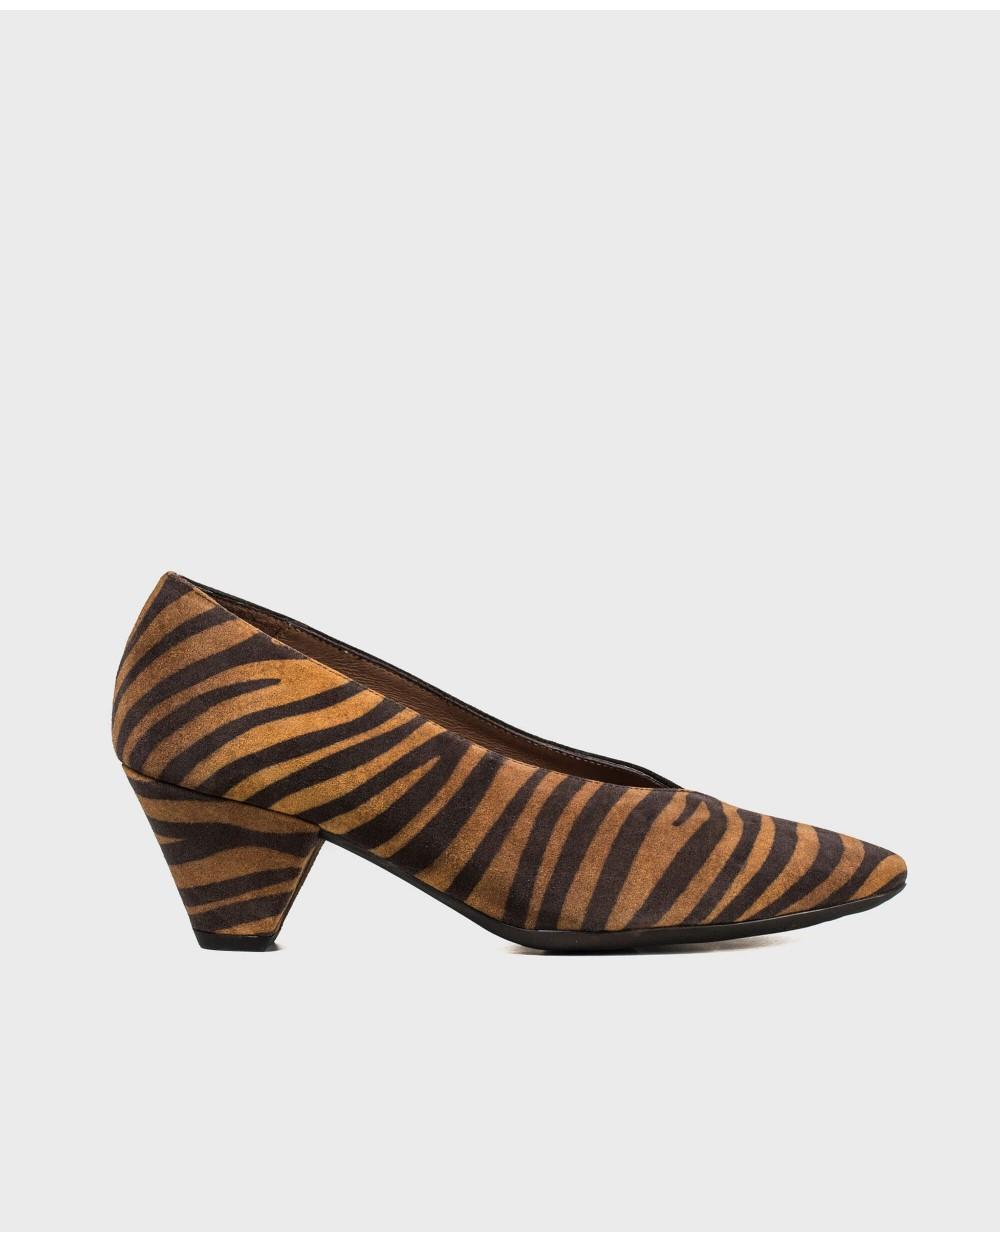 Wonders-Heels-Dual cut leather shoe